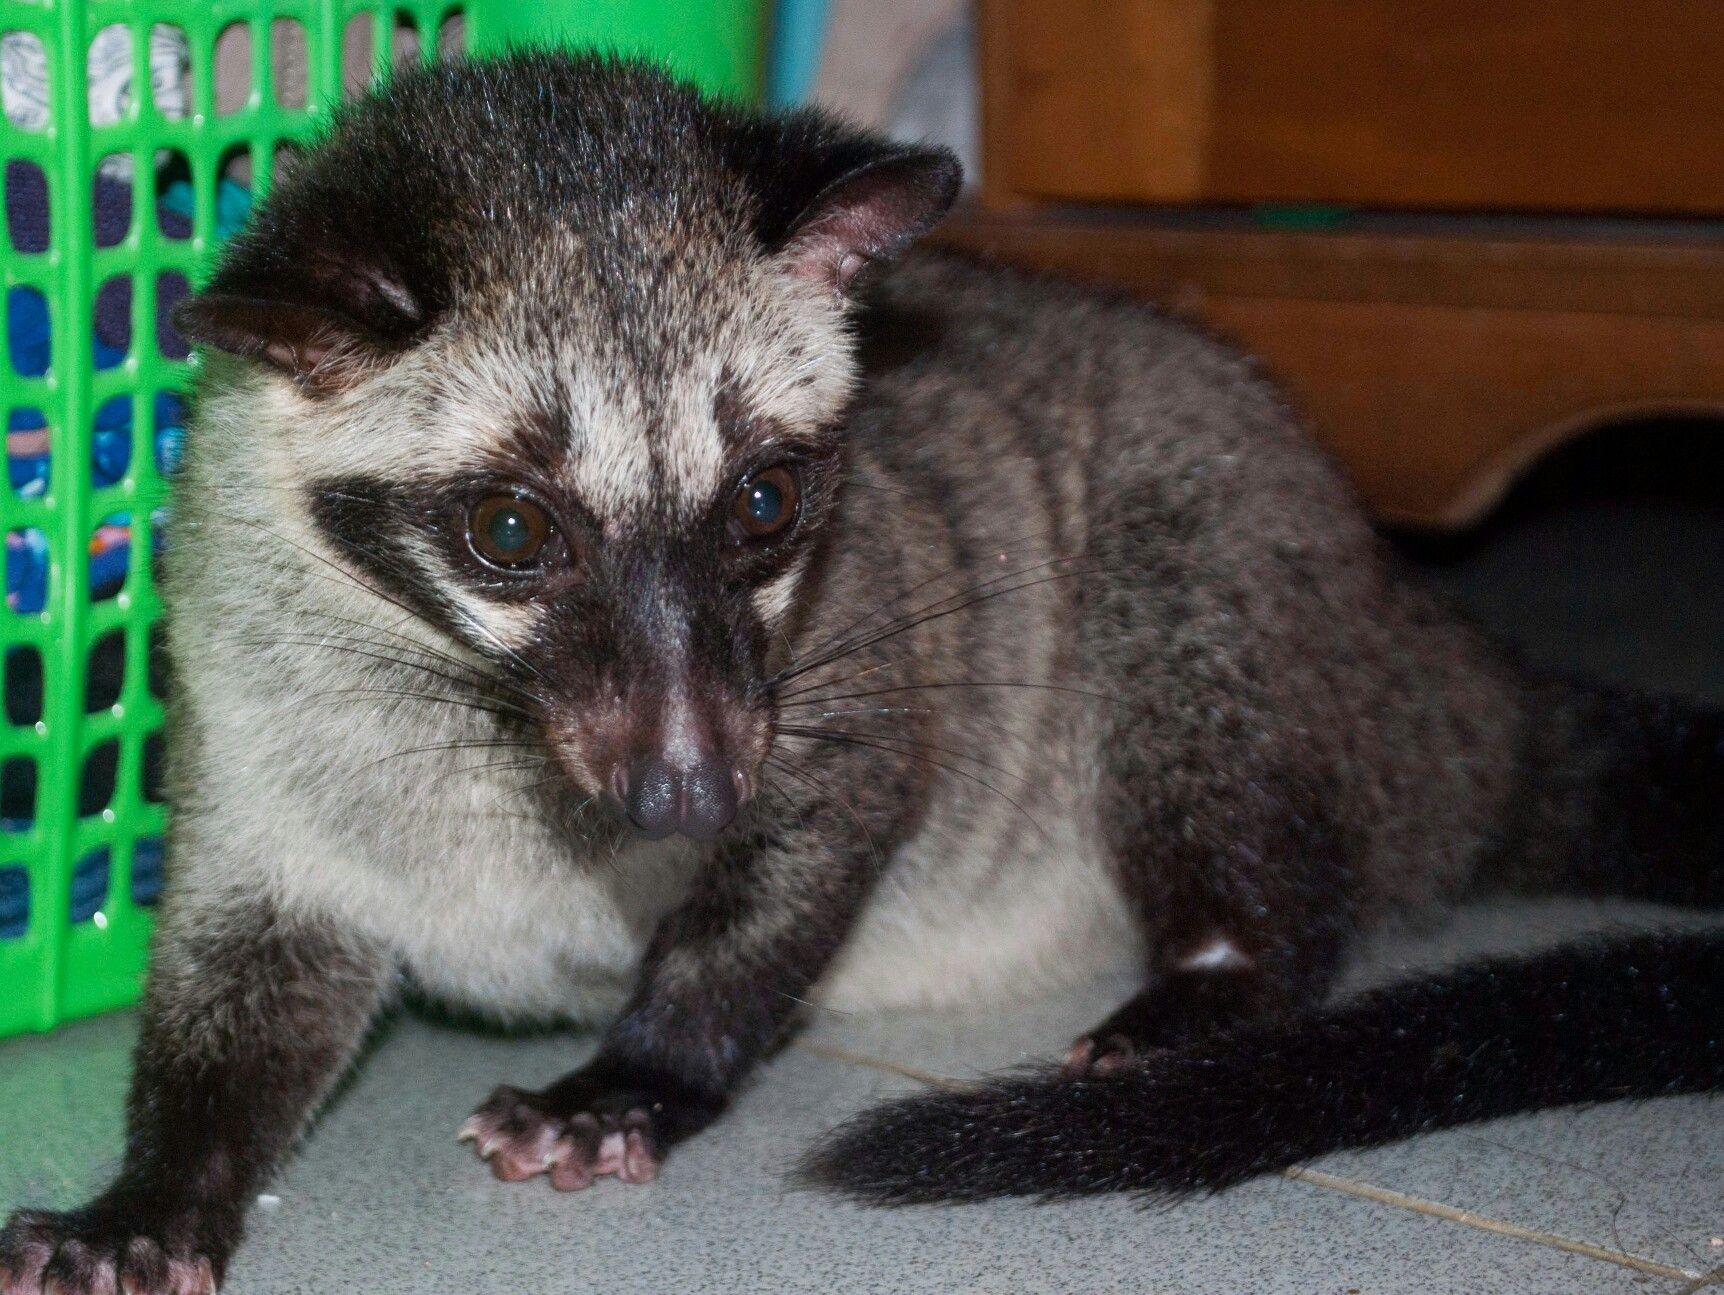 Musang Pandan Paradoxurus hermaphroditus Luwak Gambar